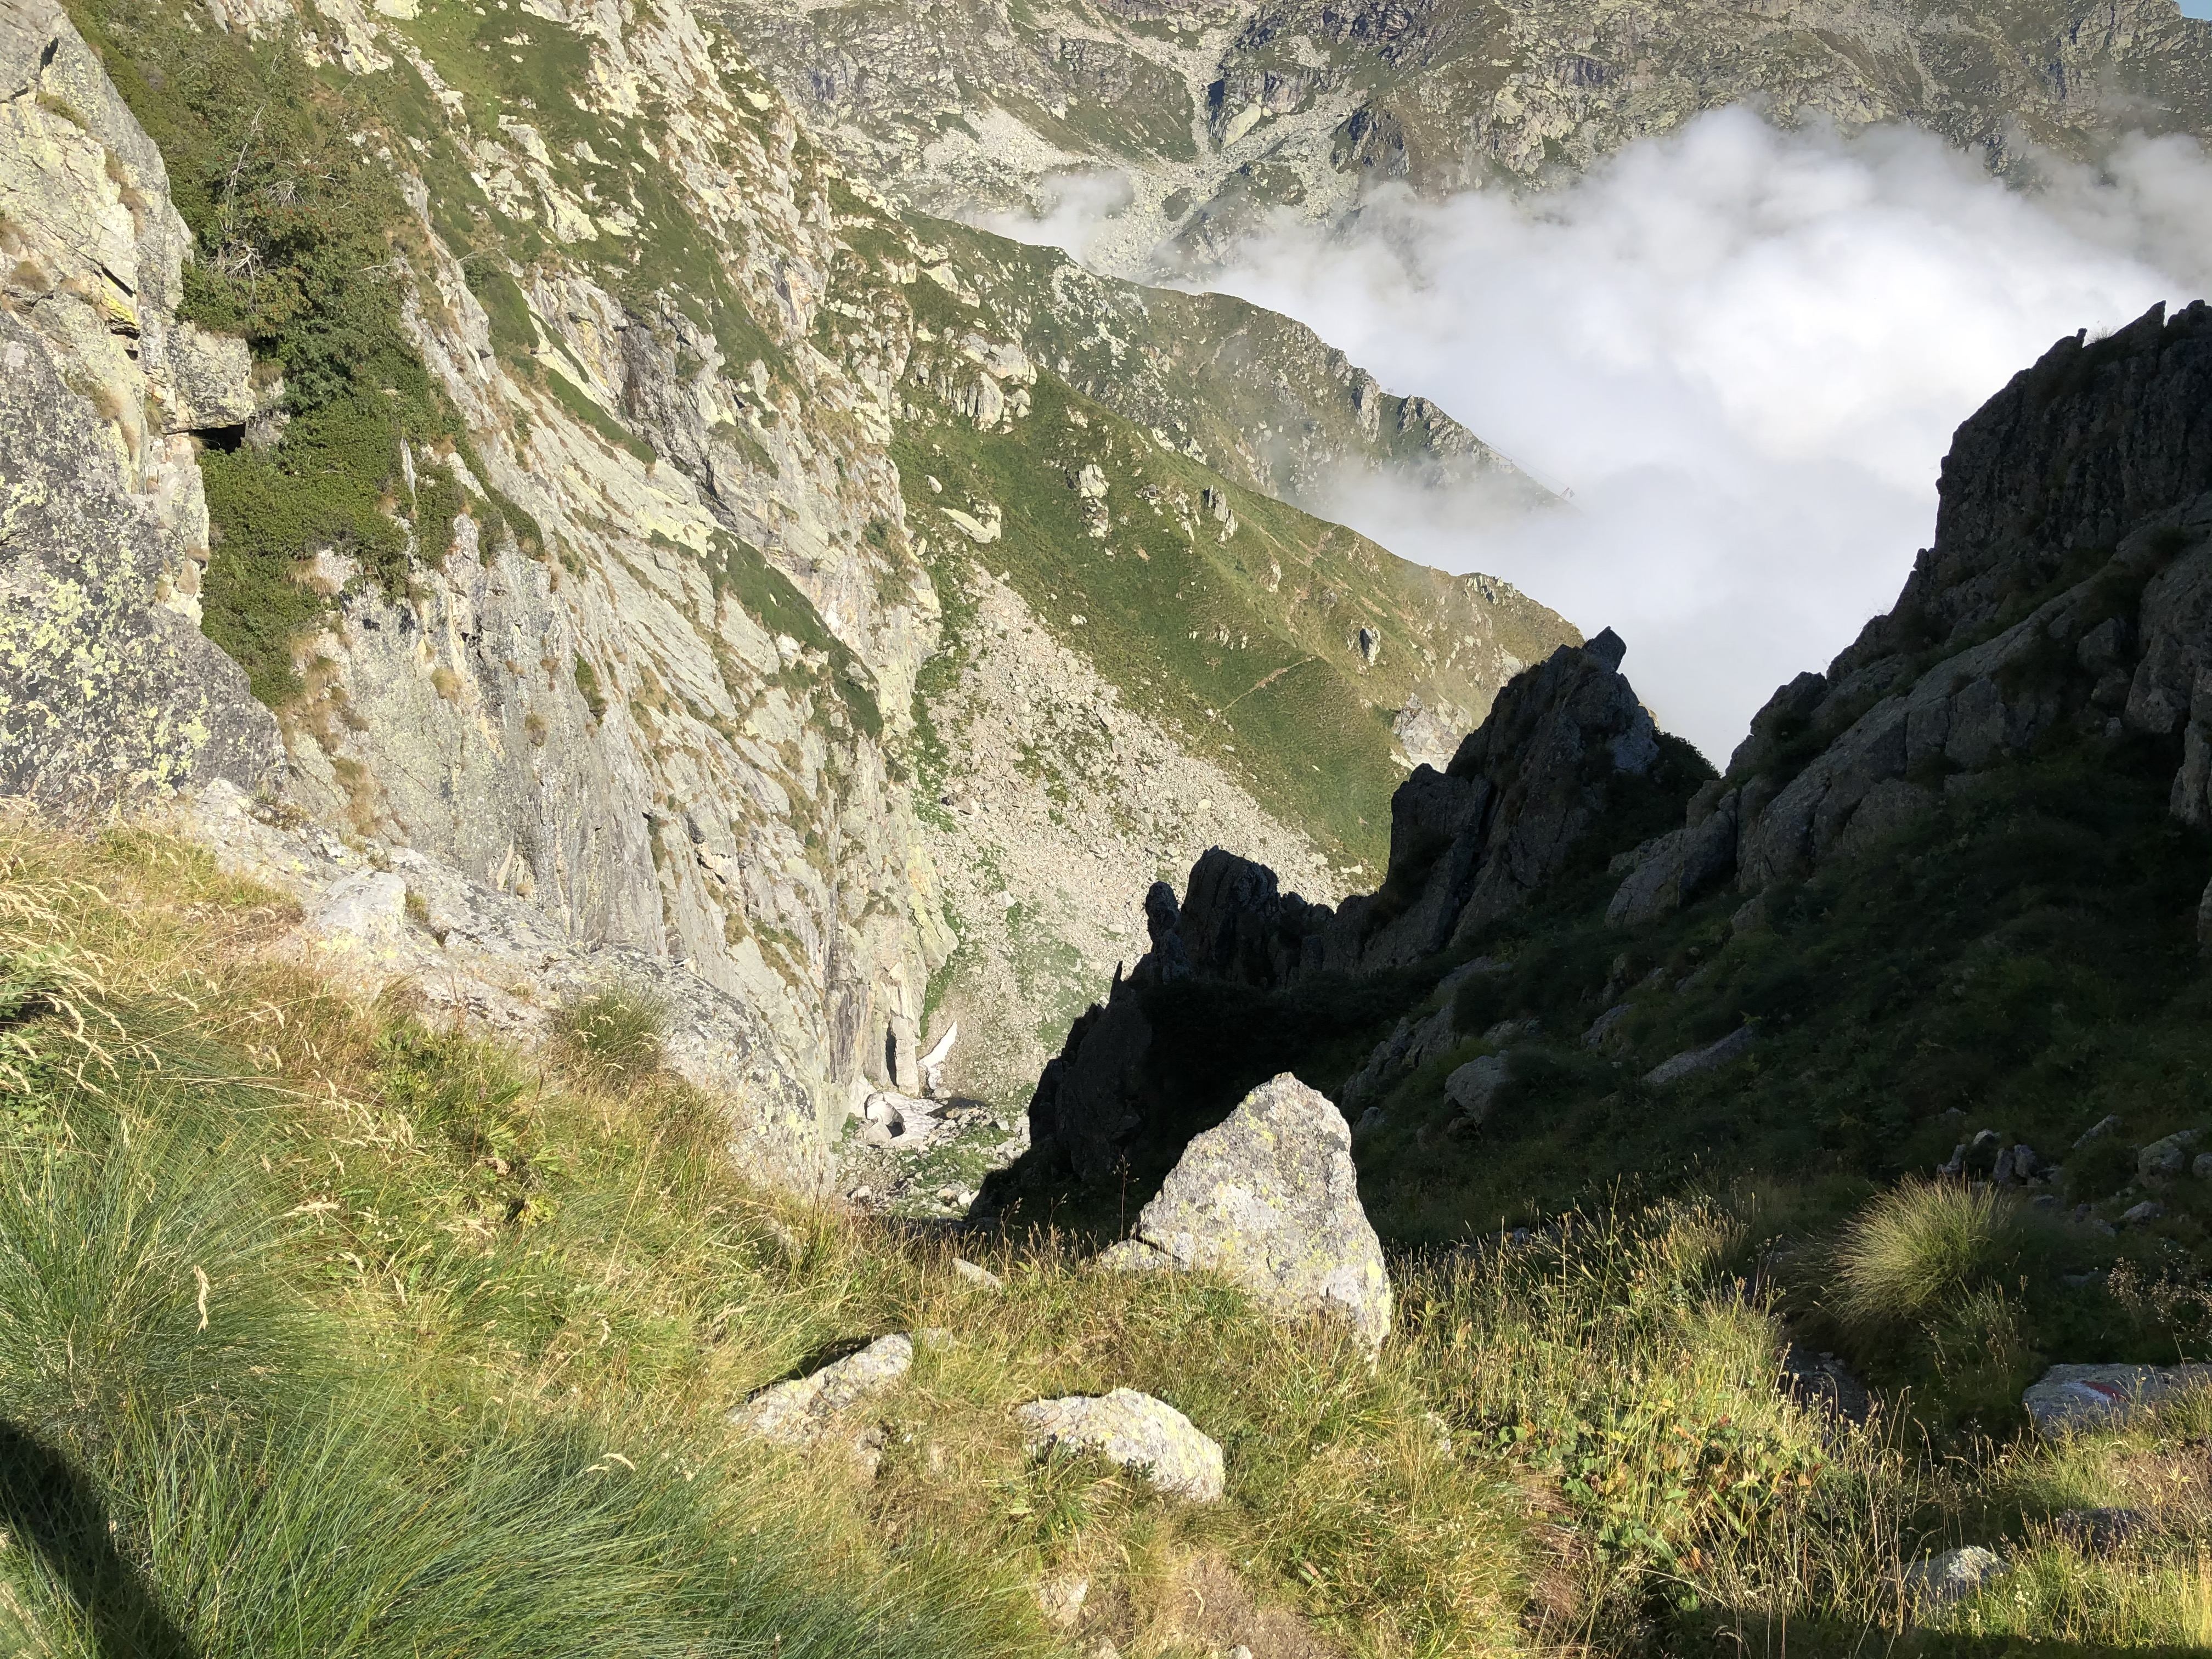 Uno sguardo dal Colle al versante appena percorso